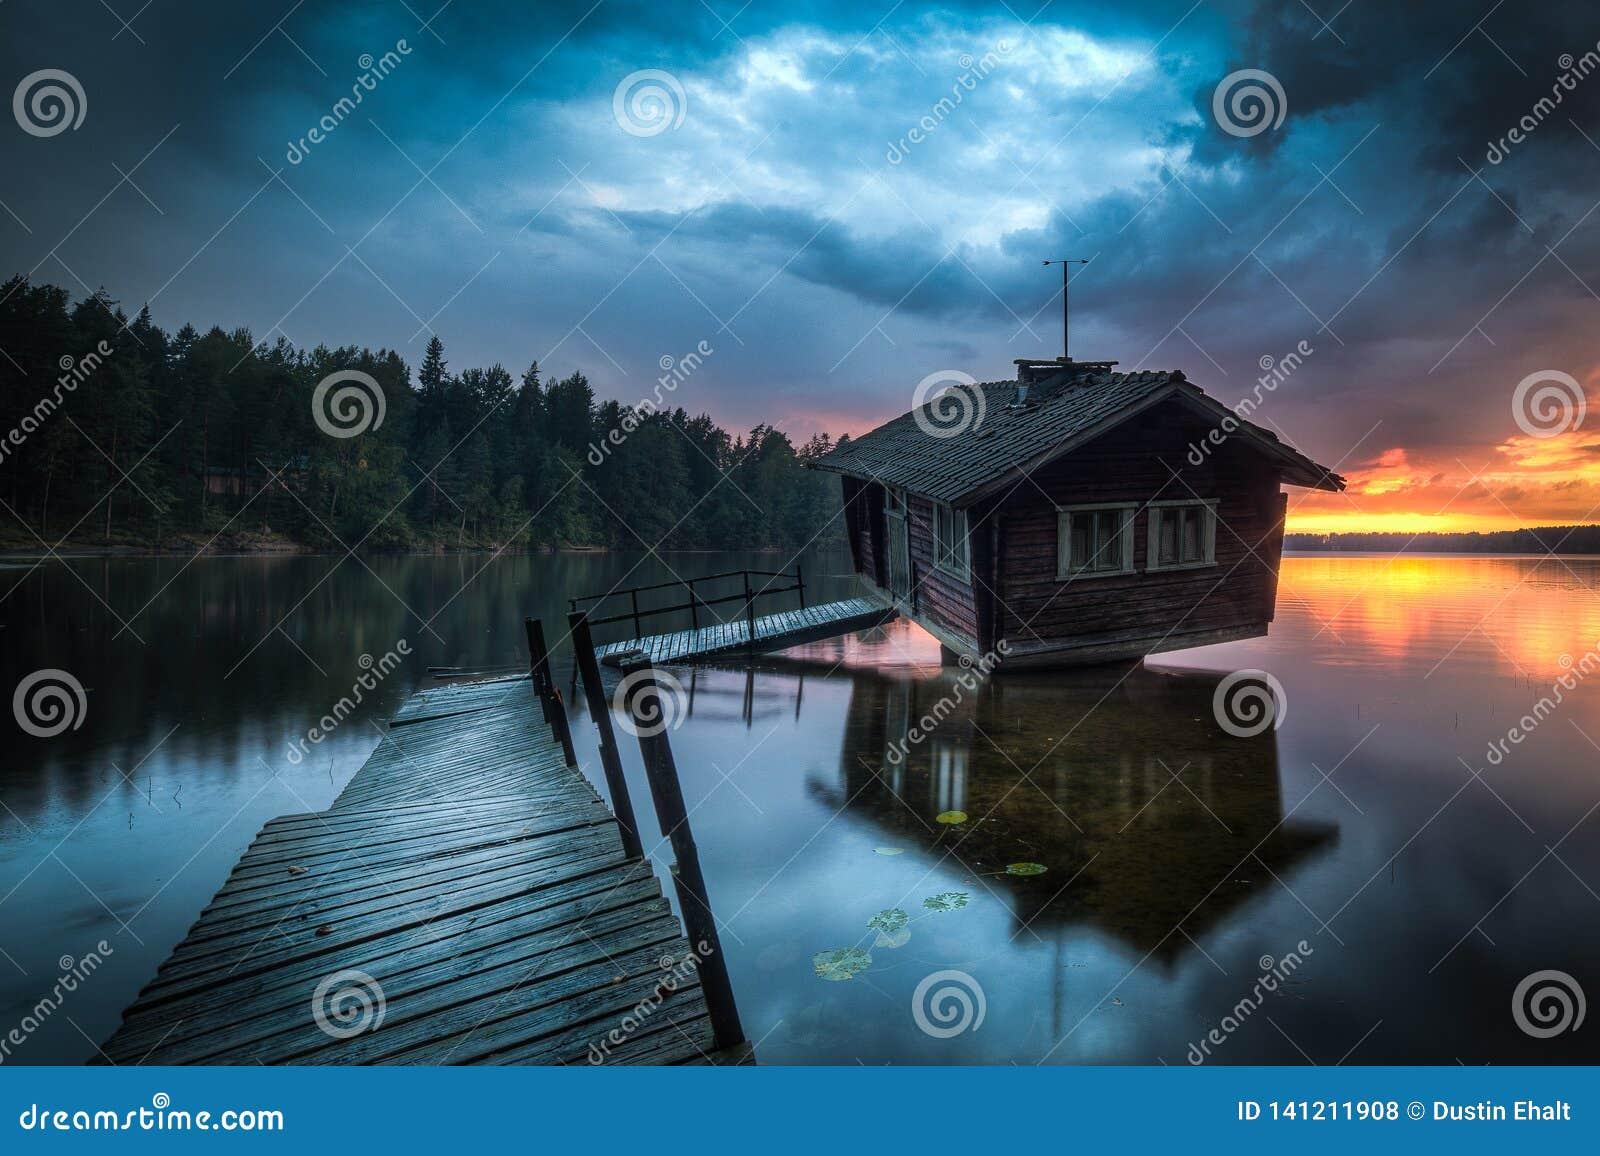 Gekke Sauna in Finland dat griezelig is